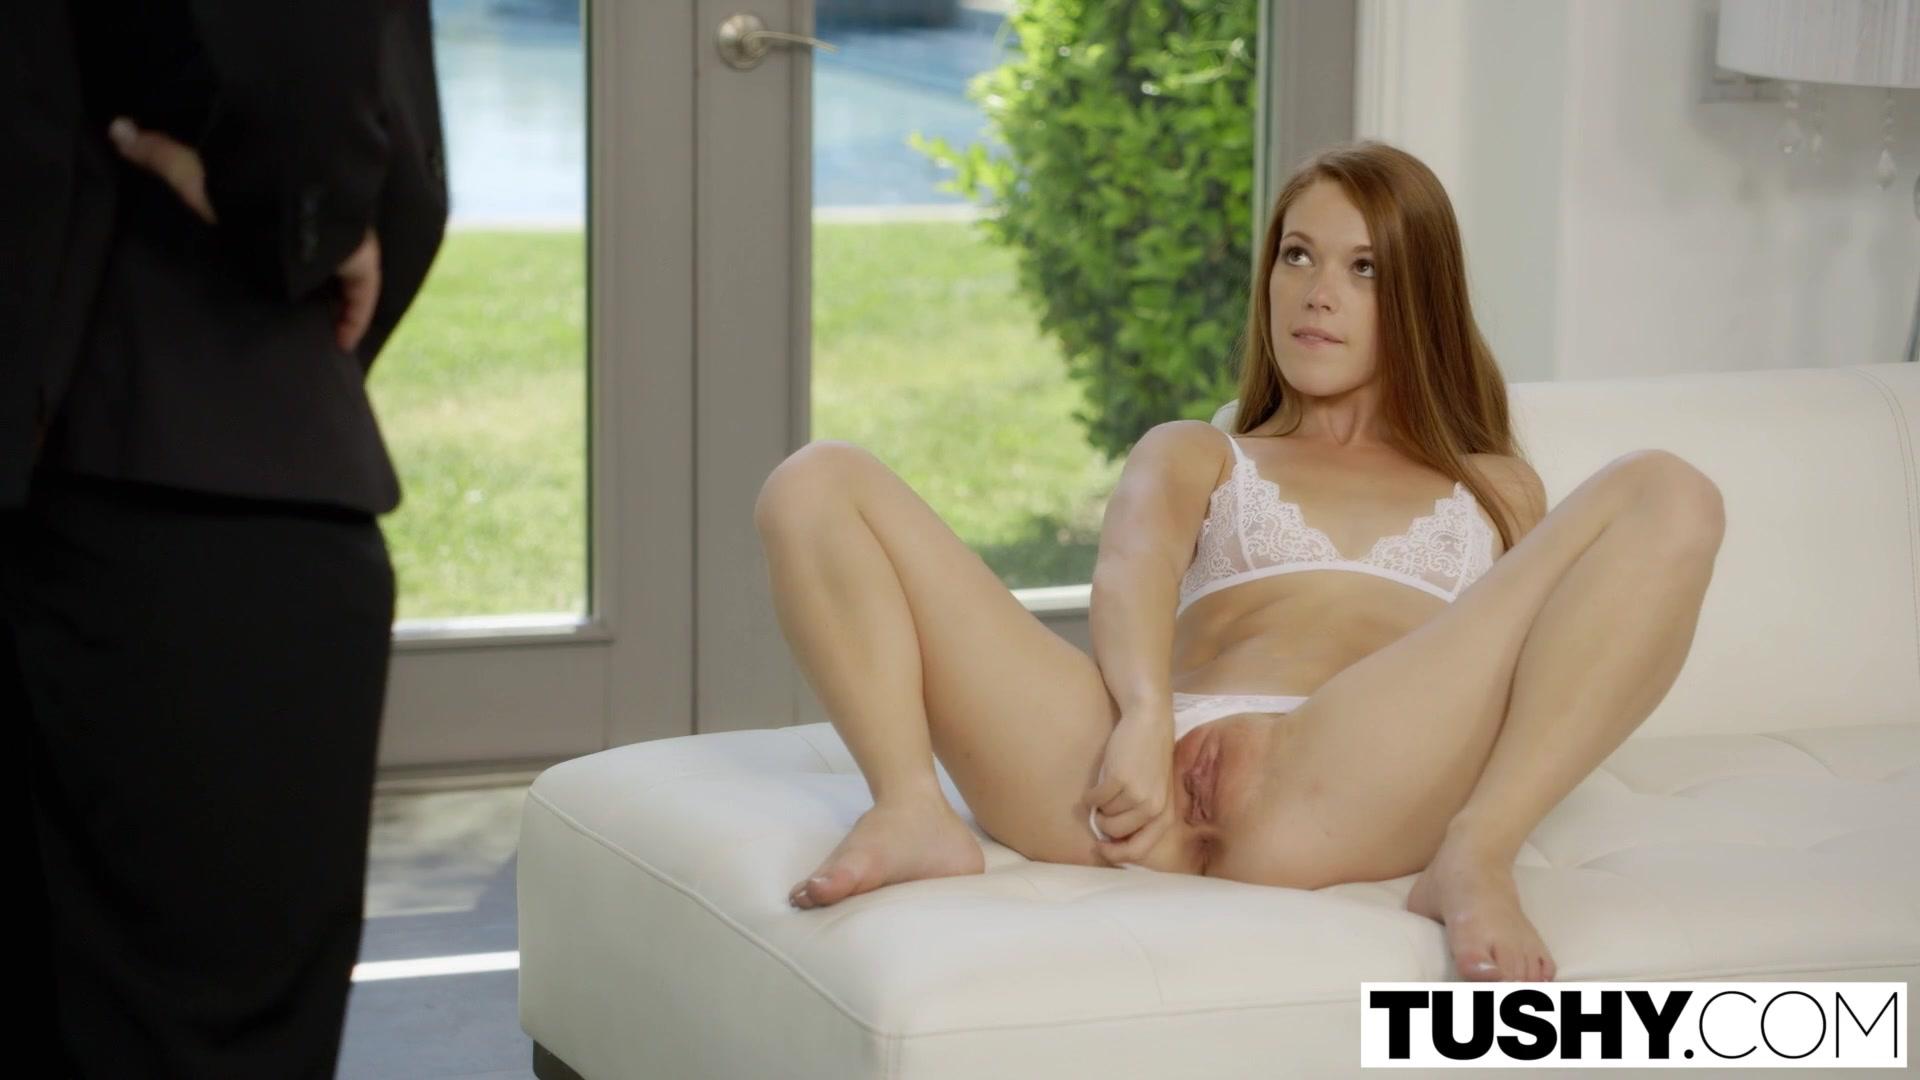 Nude 18+ Best masturbation felling